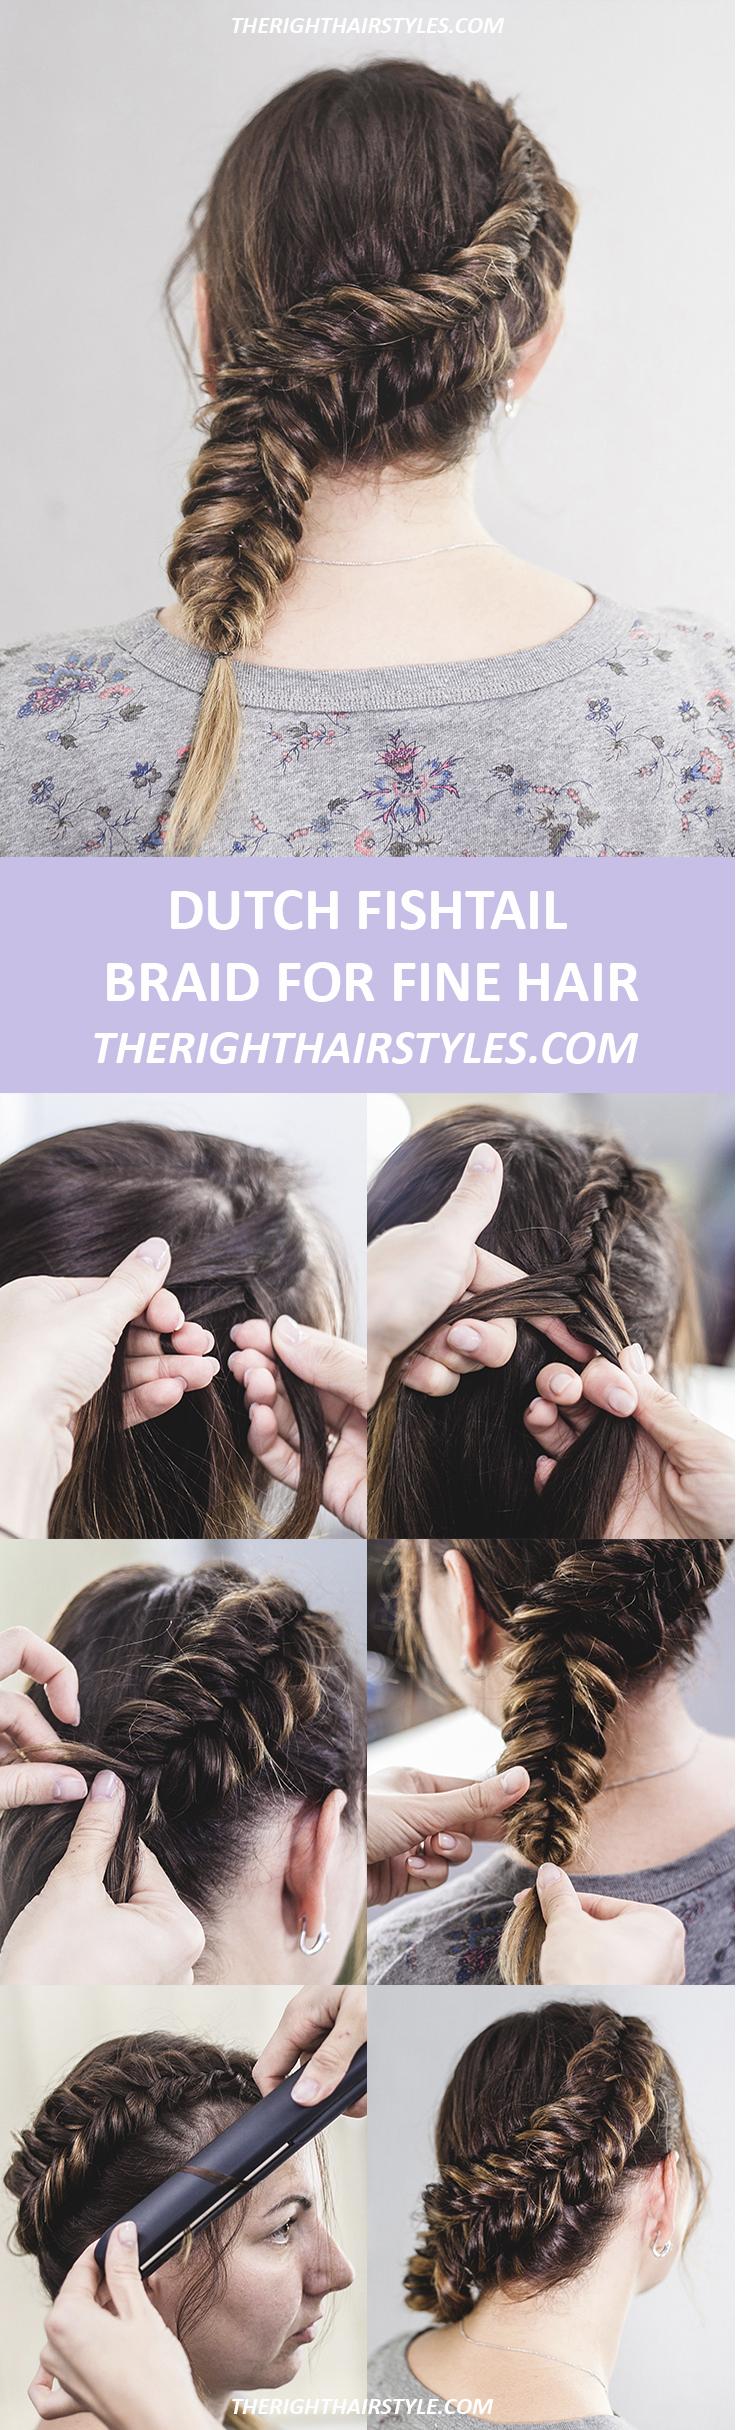 Dutch Fishtail Braid For Long Hair